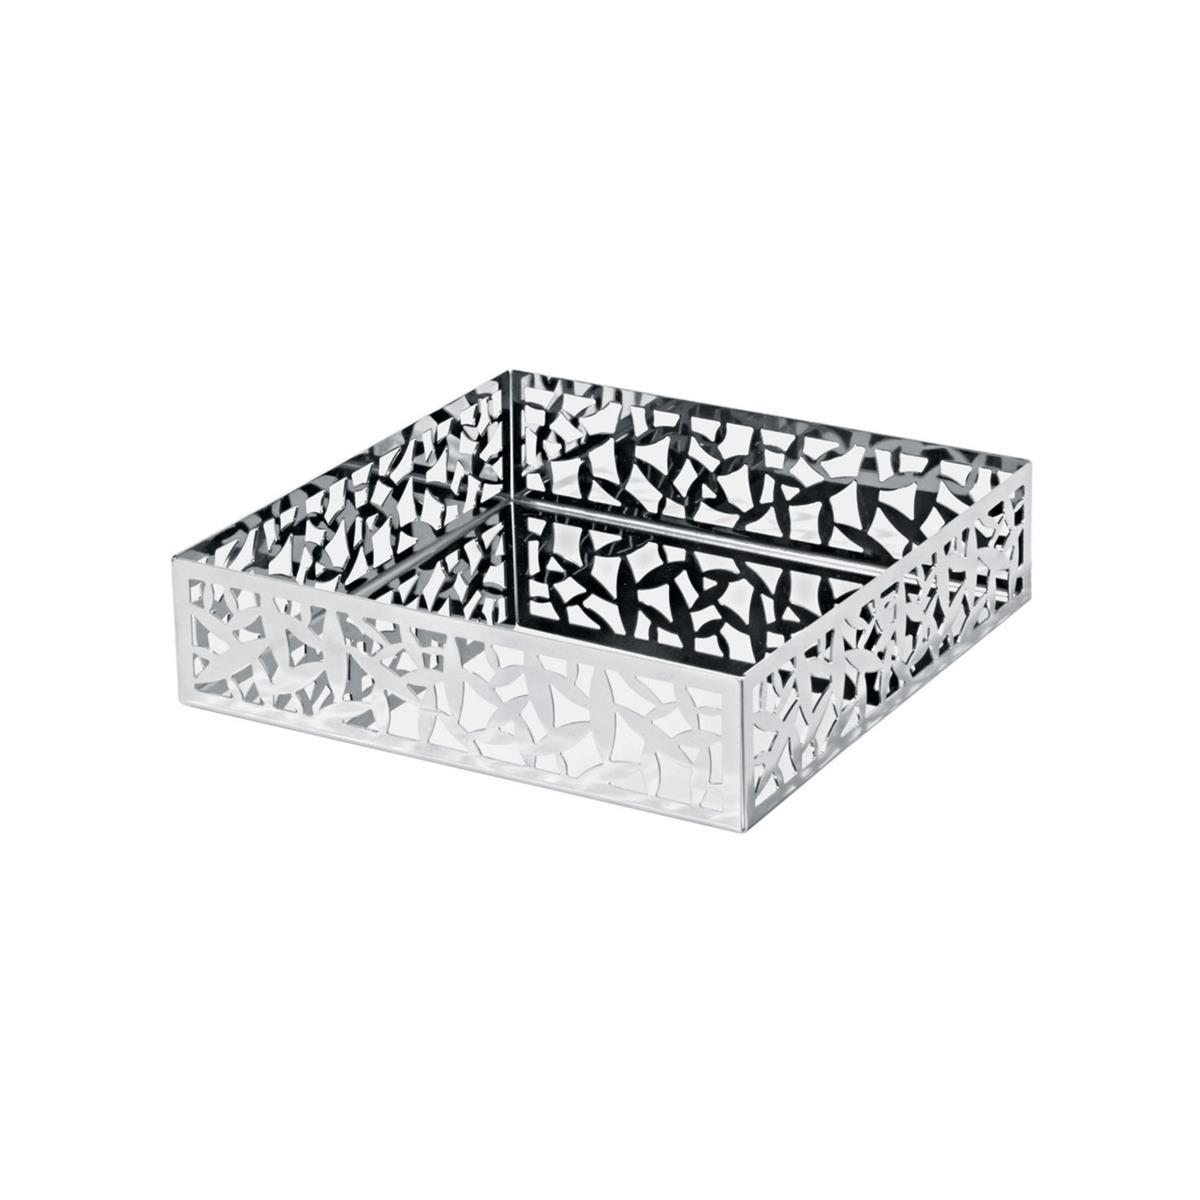 Alessi-Kaktus! Papierserviettenhalter mit perforierter Kante aus 18/10 Edelstahl